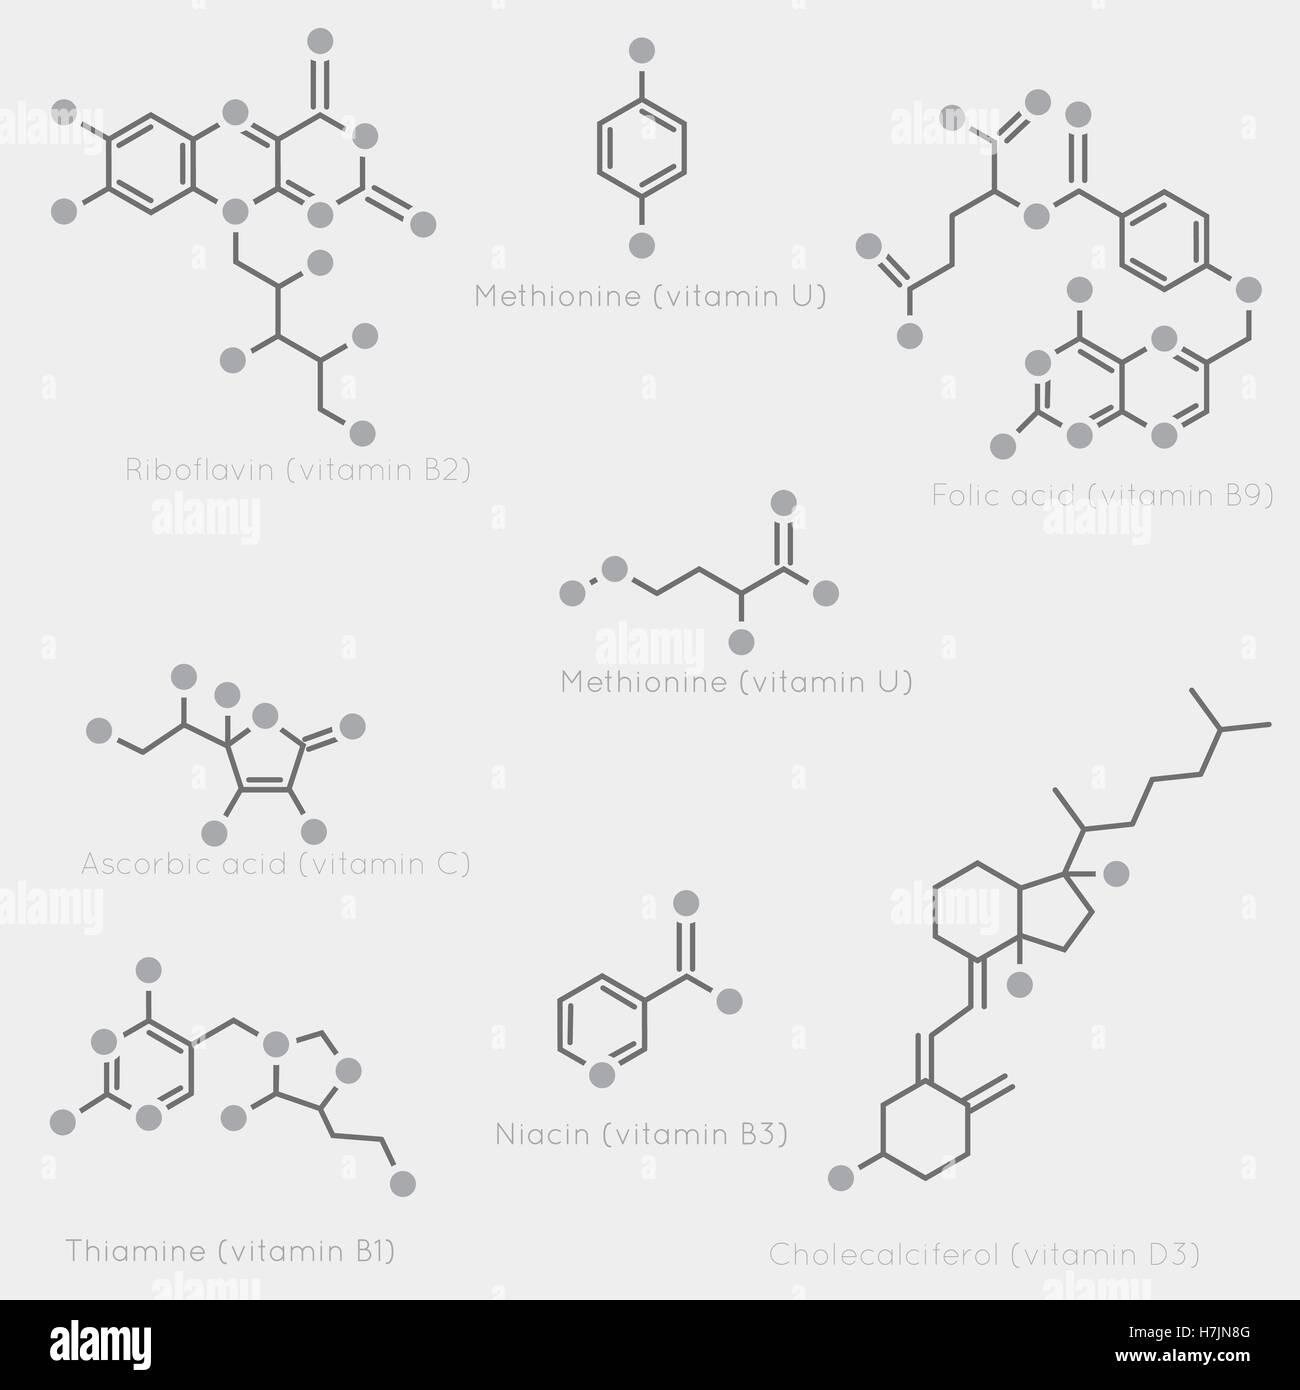 Skelettartigen Formeln von einigen Vitaminen. Schematische Bild von chemischen organischen Molekülen, Nährstoffe. Stockbild